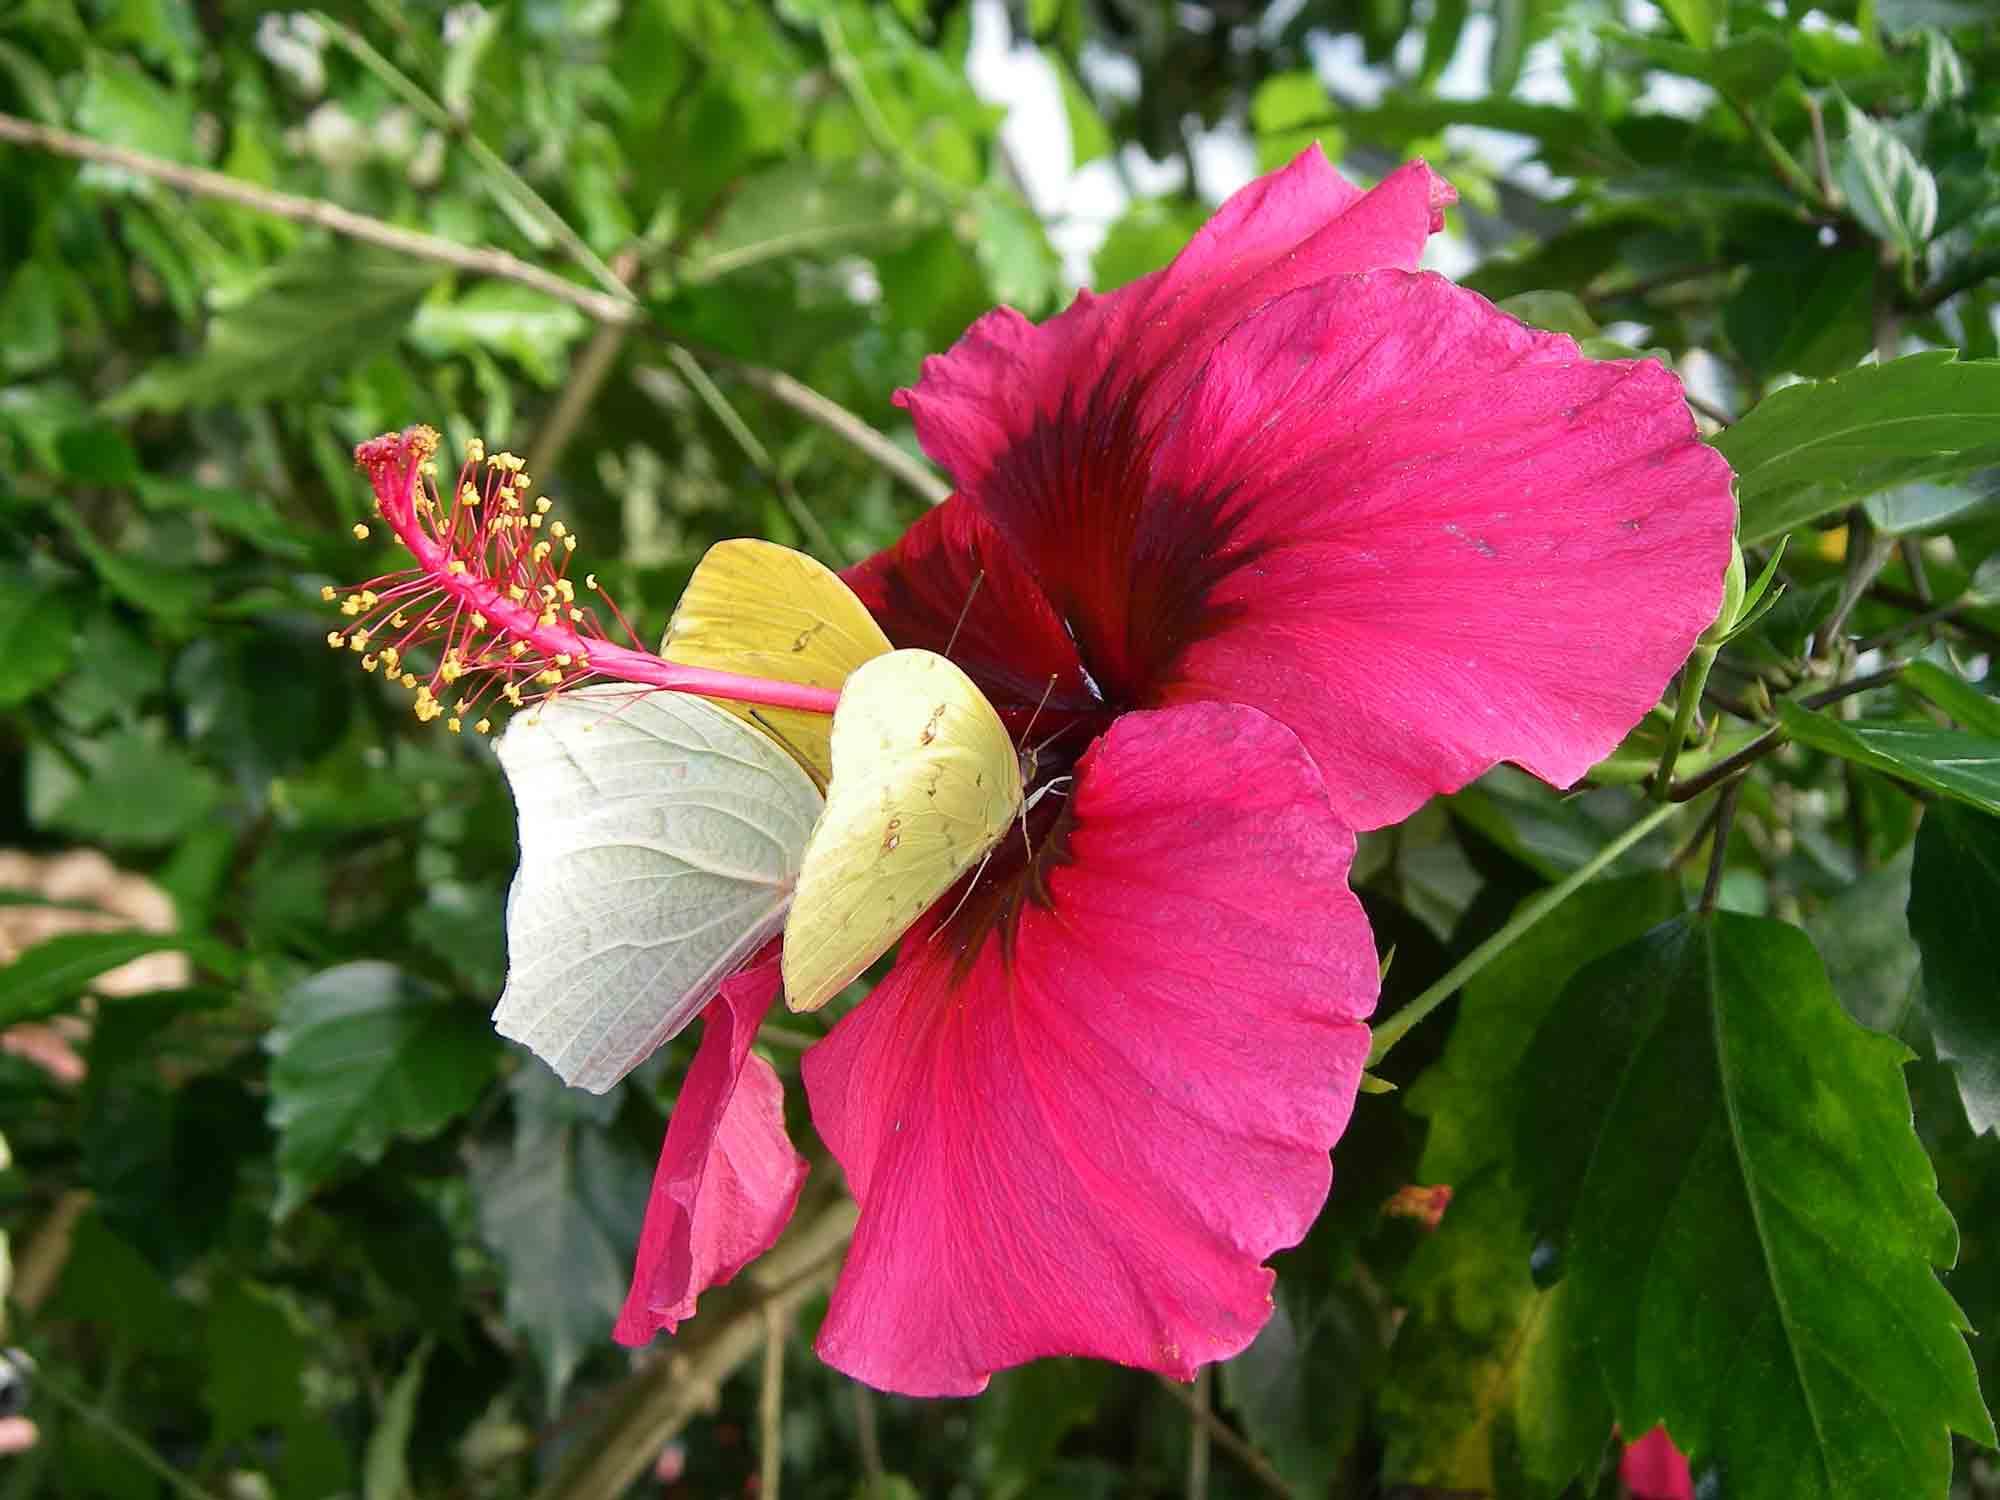 fleur-et-papillon-pieridees-sur-hibiscus-honfleur-naturospace